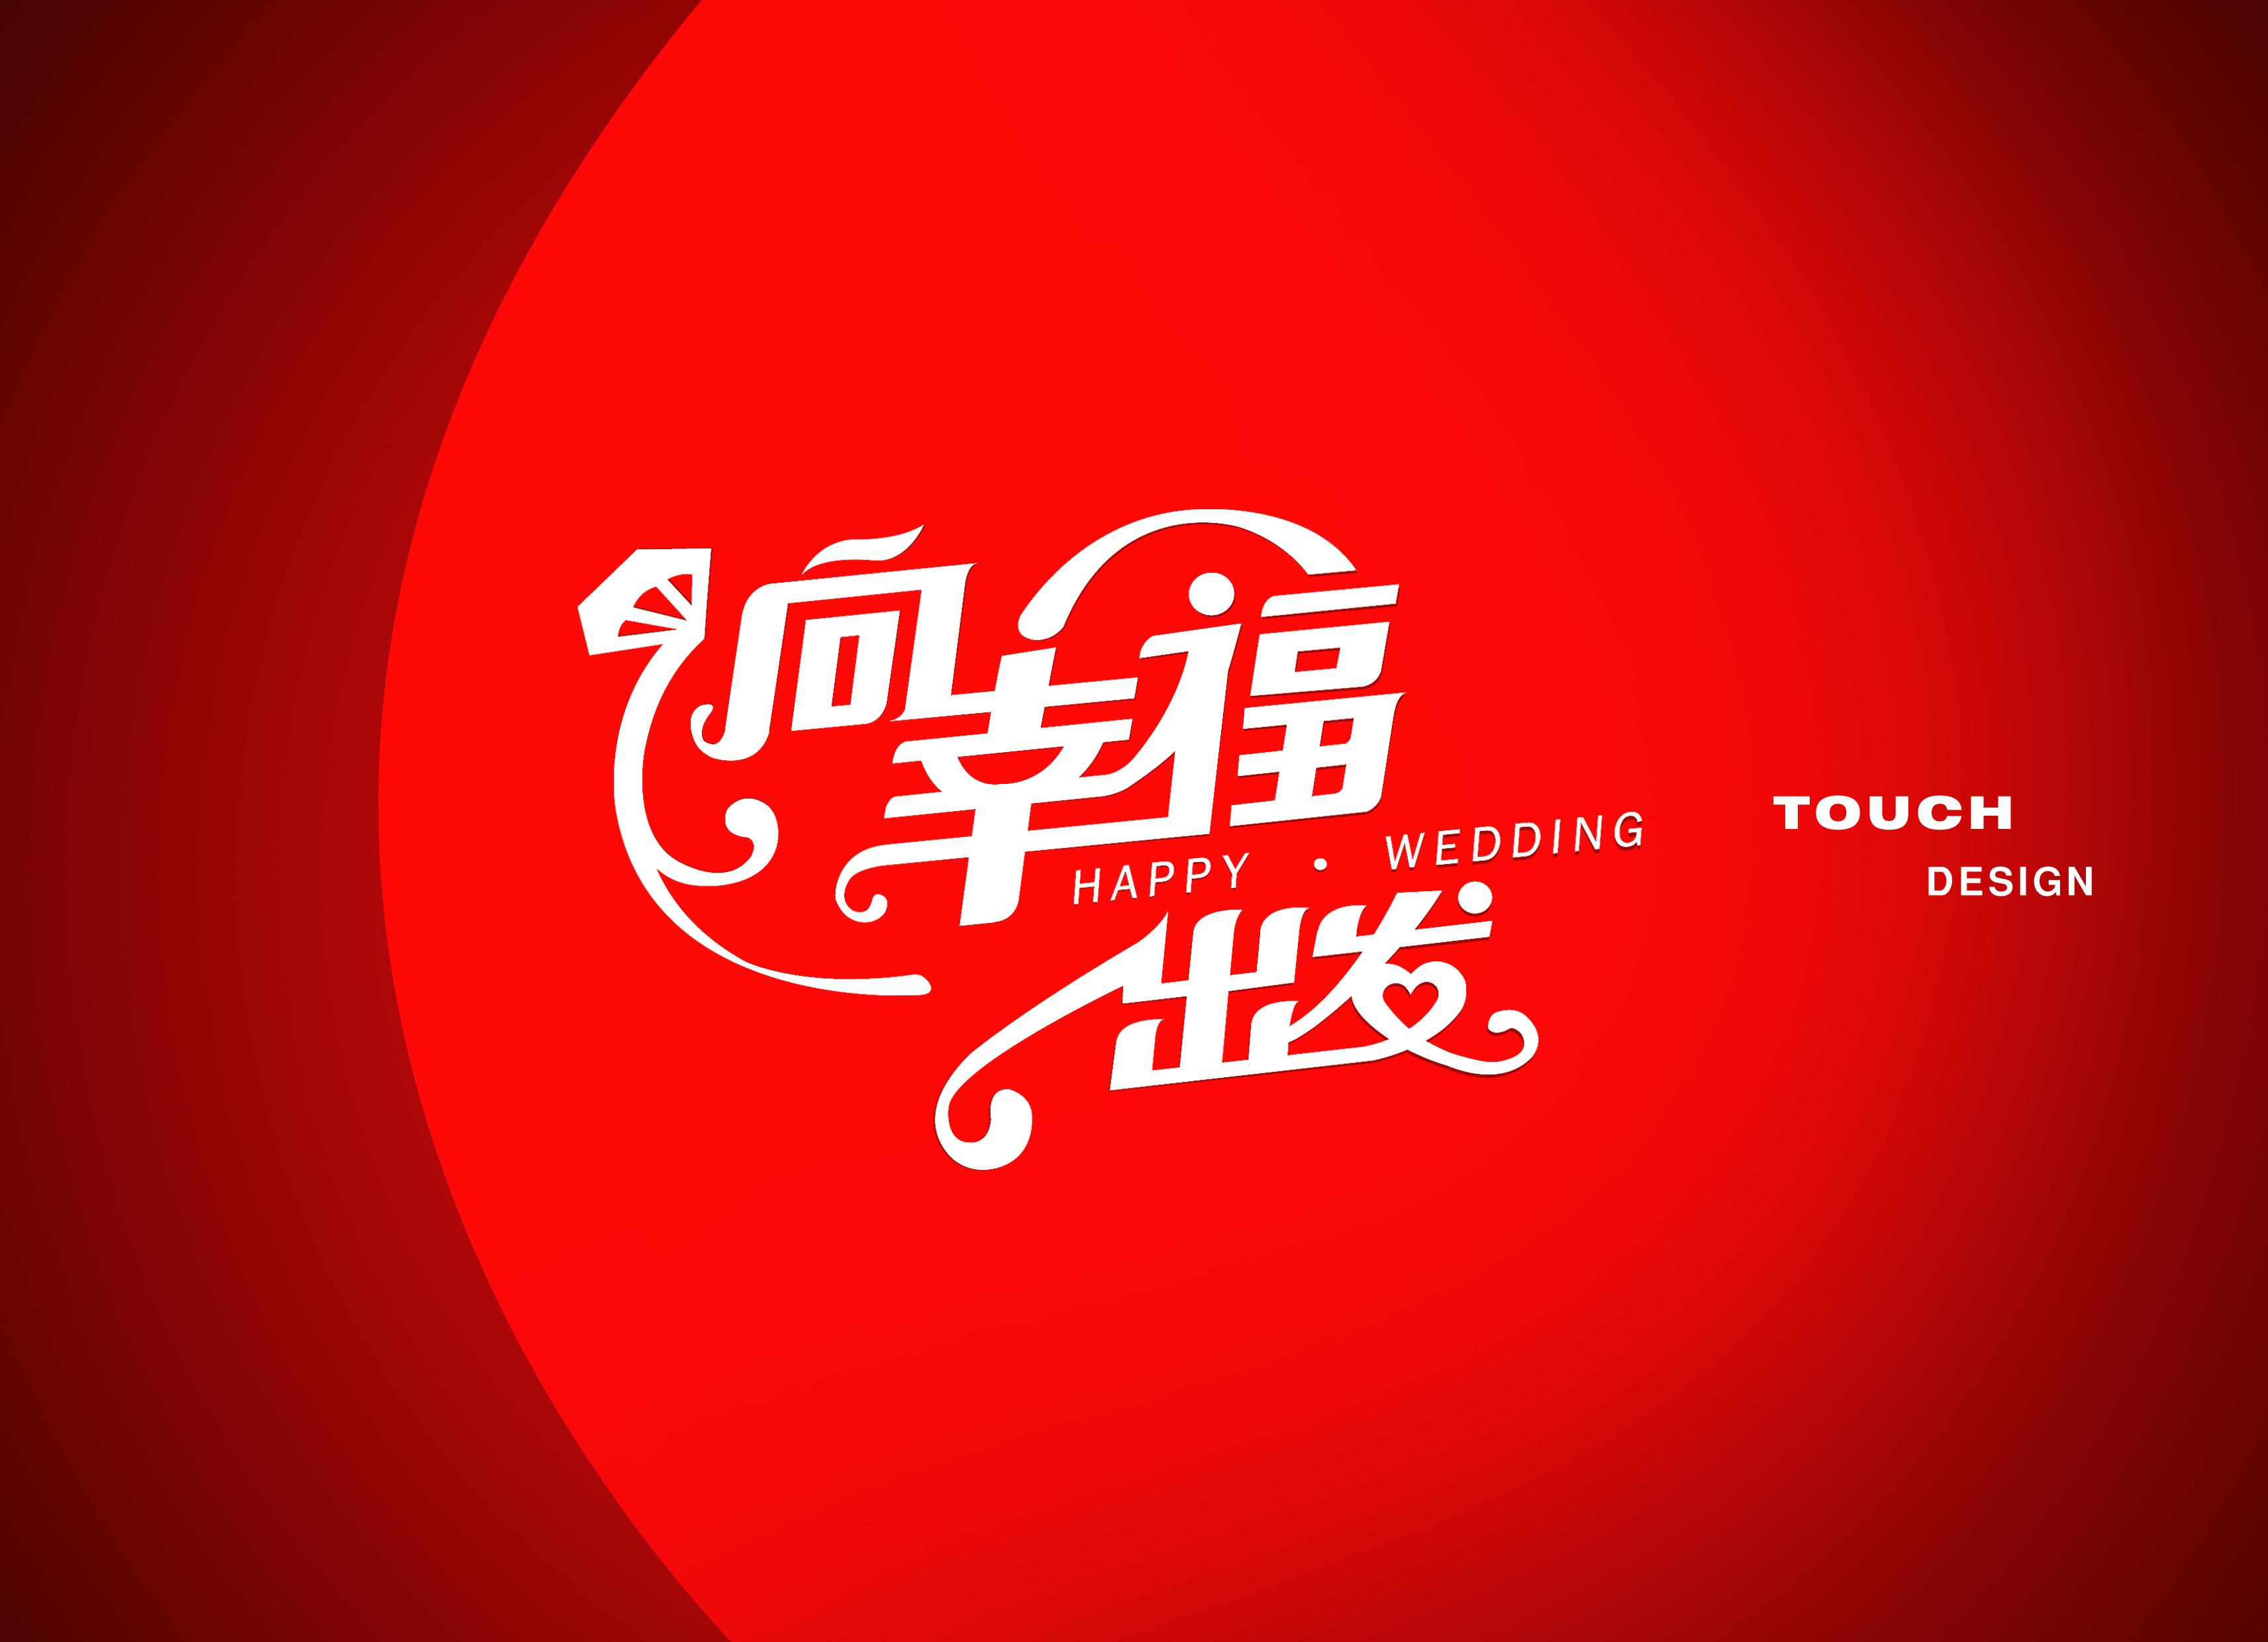 cctv 栏目logo设计